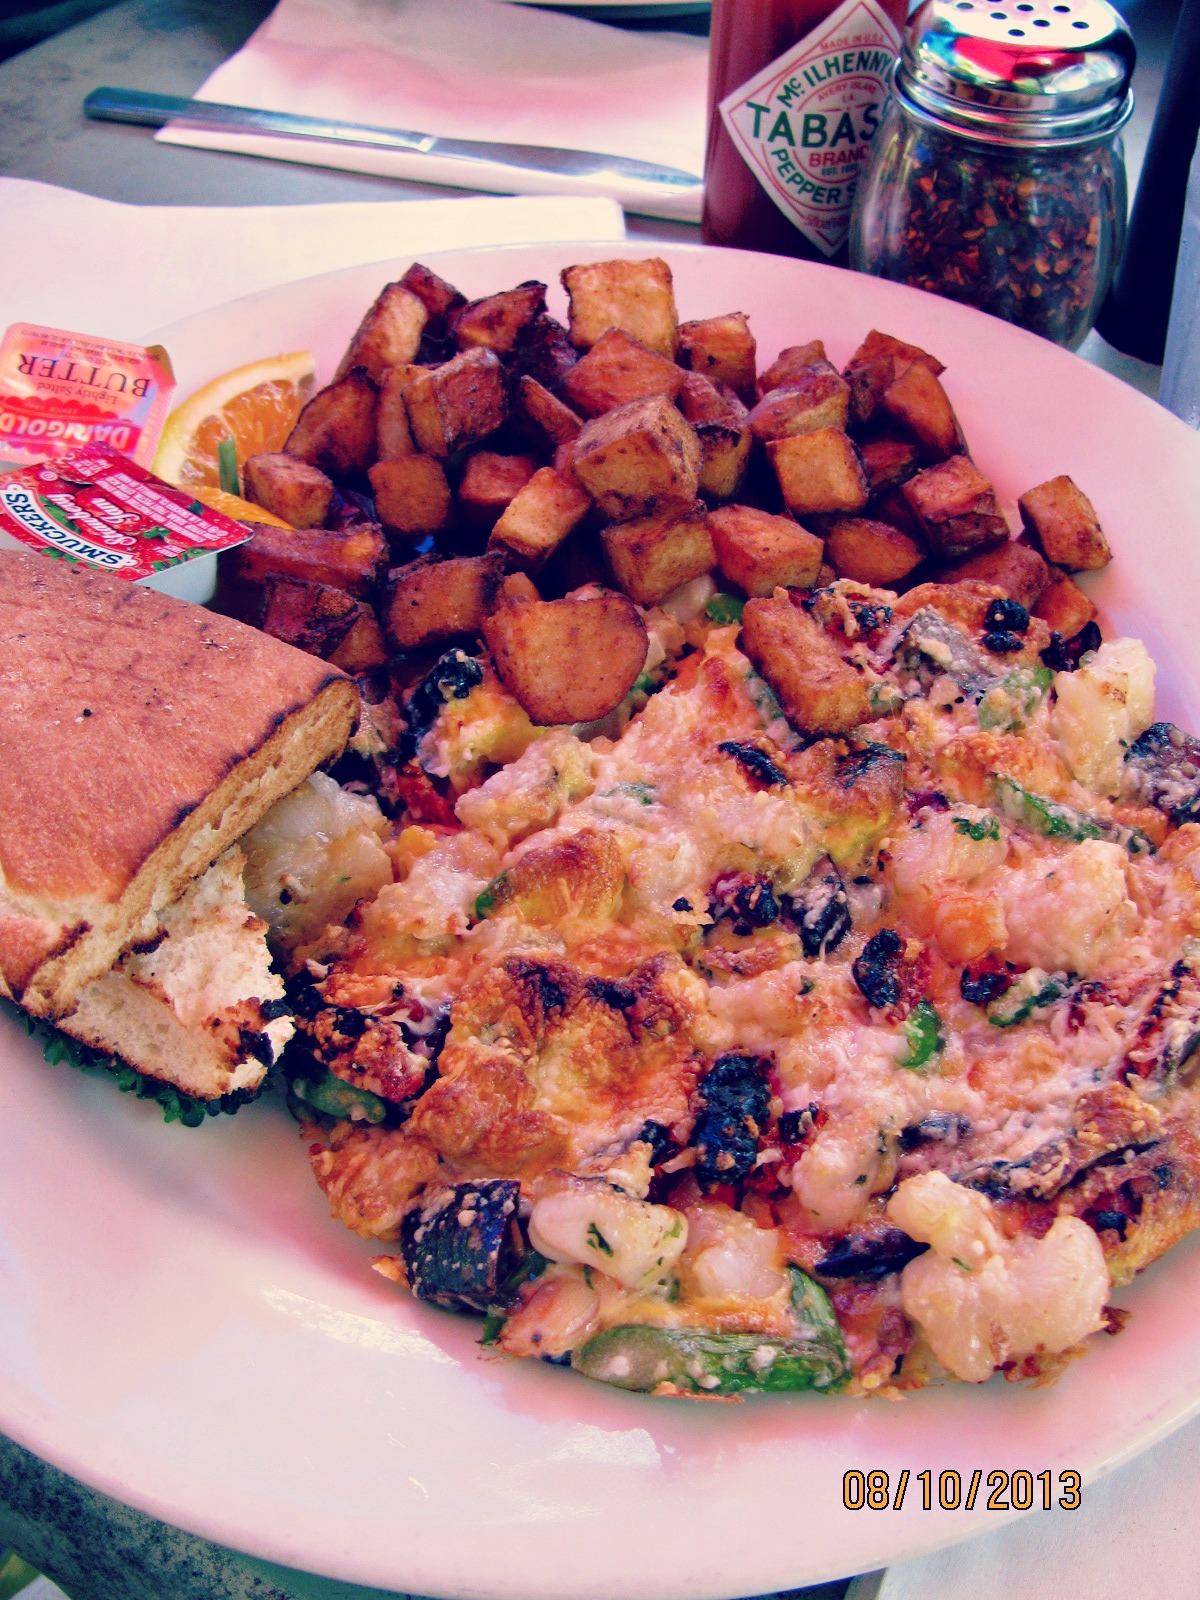 C&O Trattoria // My Lobster & Shrimp Frittata